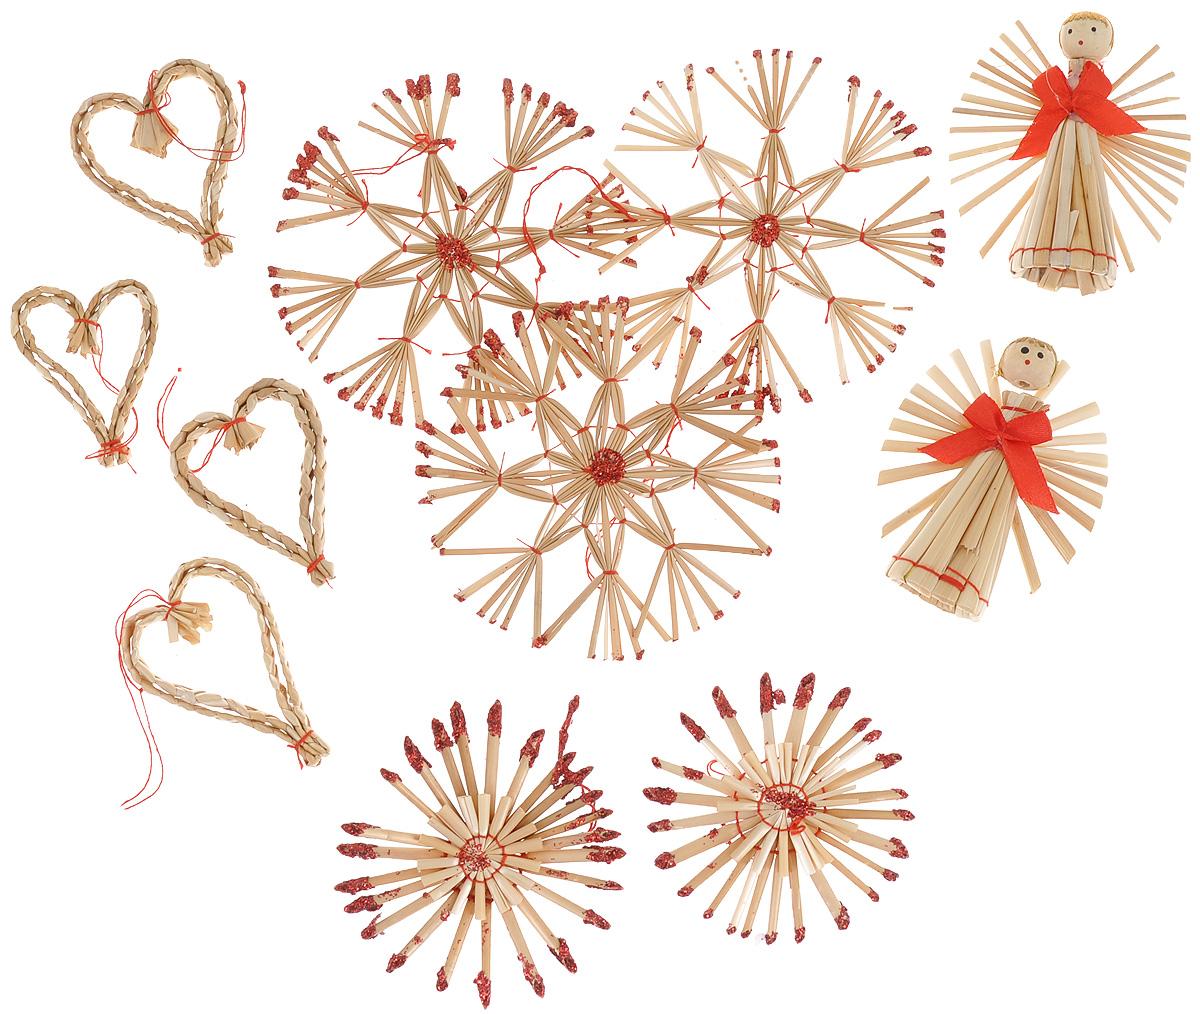 Набор новогодних подвесных украшений Феникс-презент Сердца и звезды, цвет: красный, светло-коричневый, 11 шт феникс презент набор украшений 5 шт